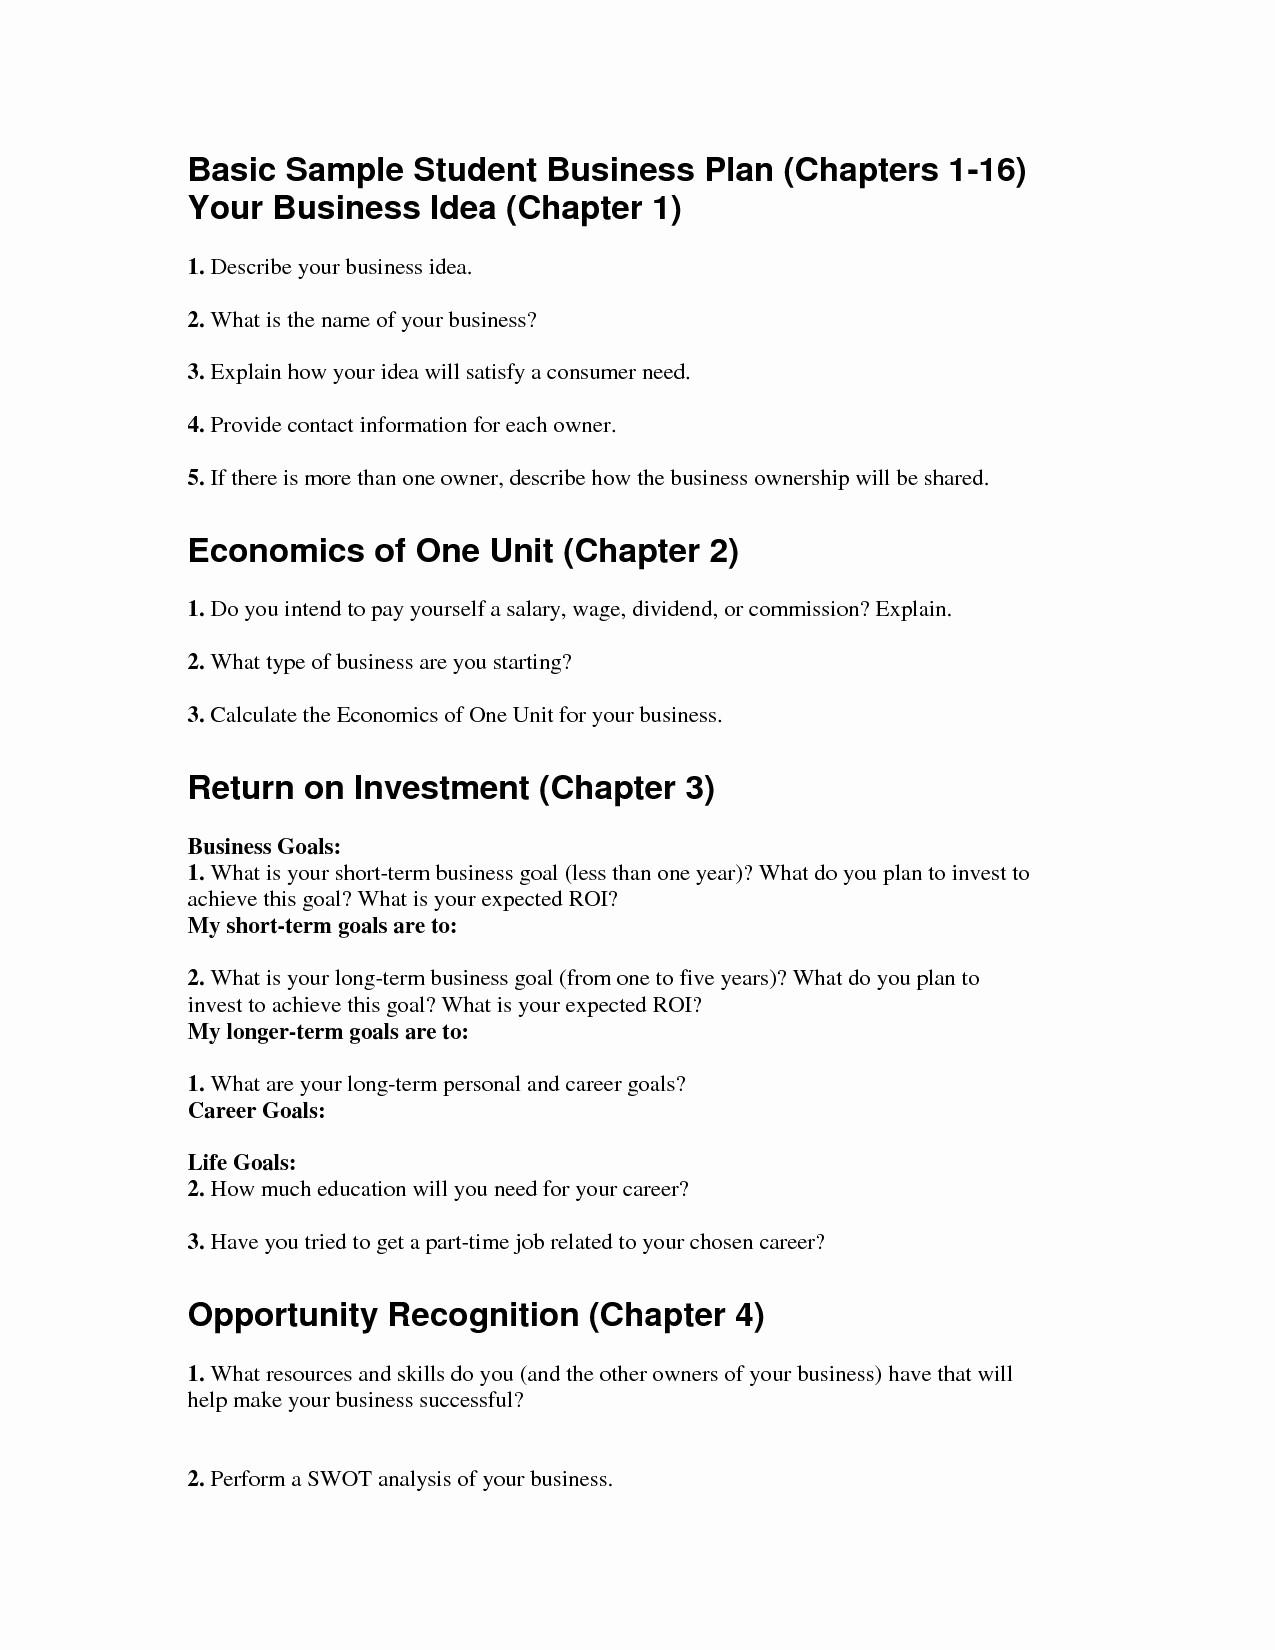 Basic Business Plans Templates Free Unique Basic Business Plan